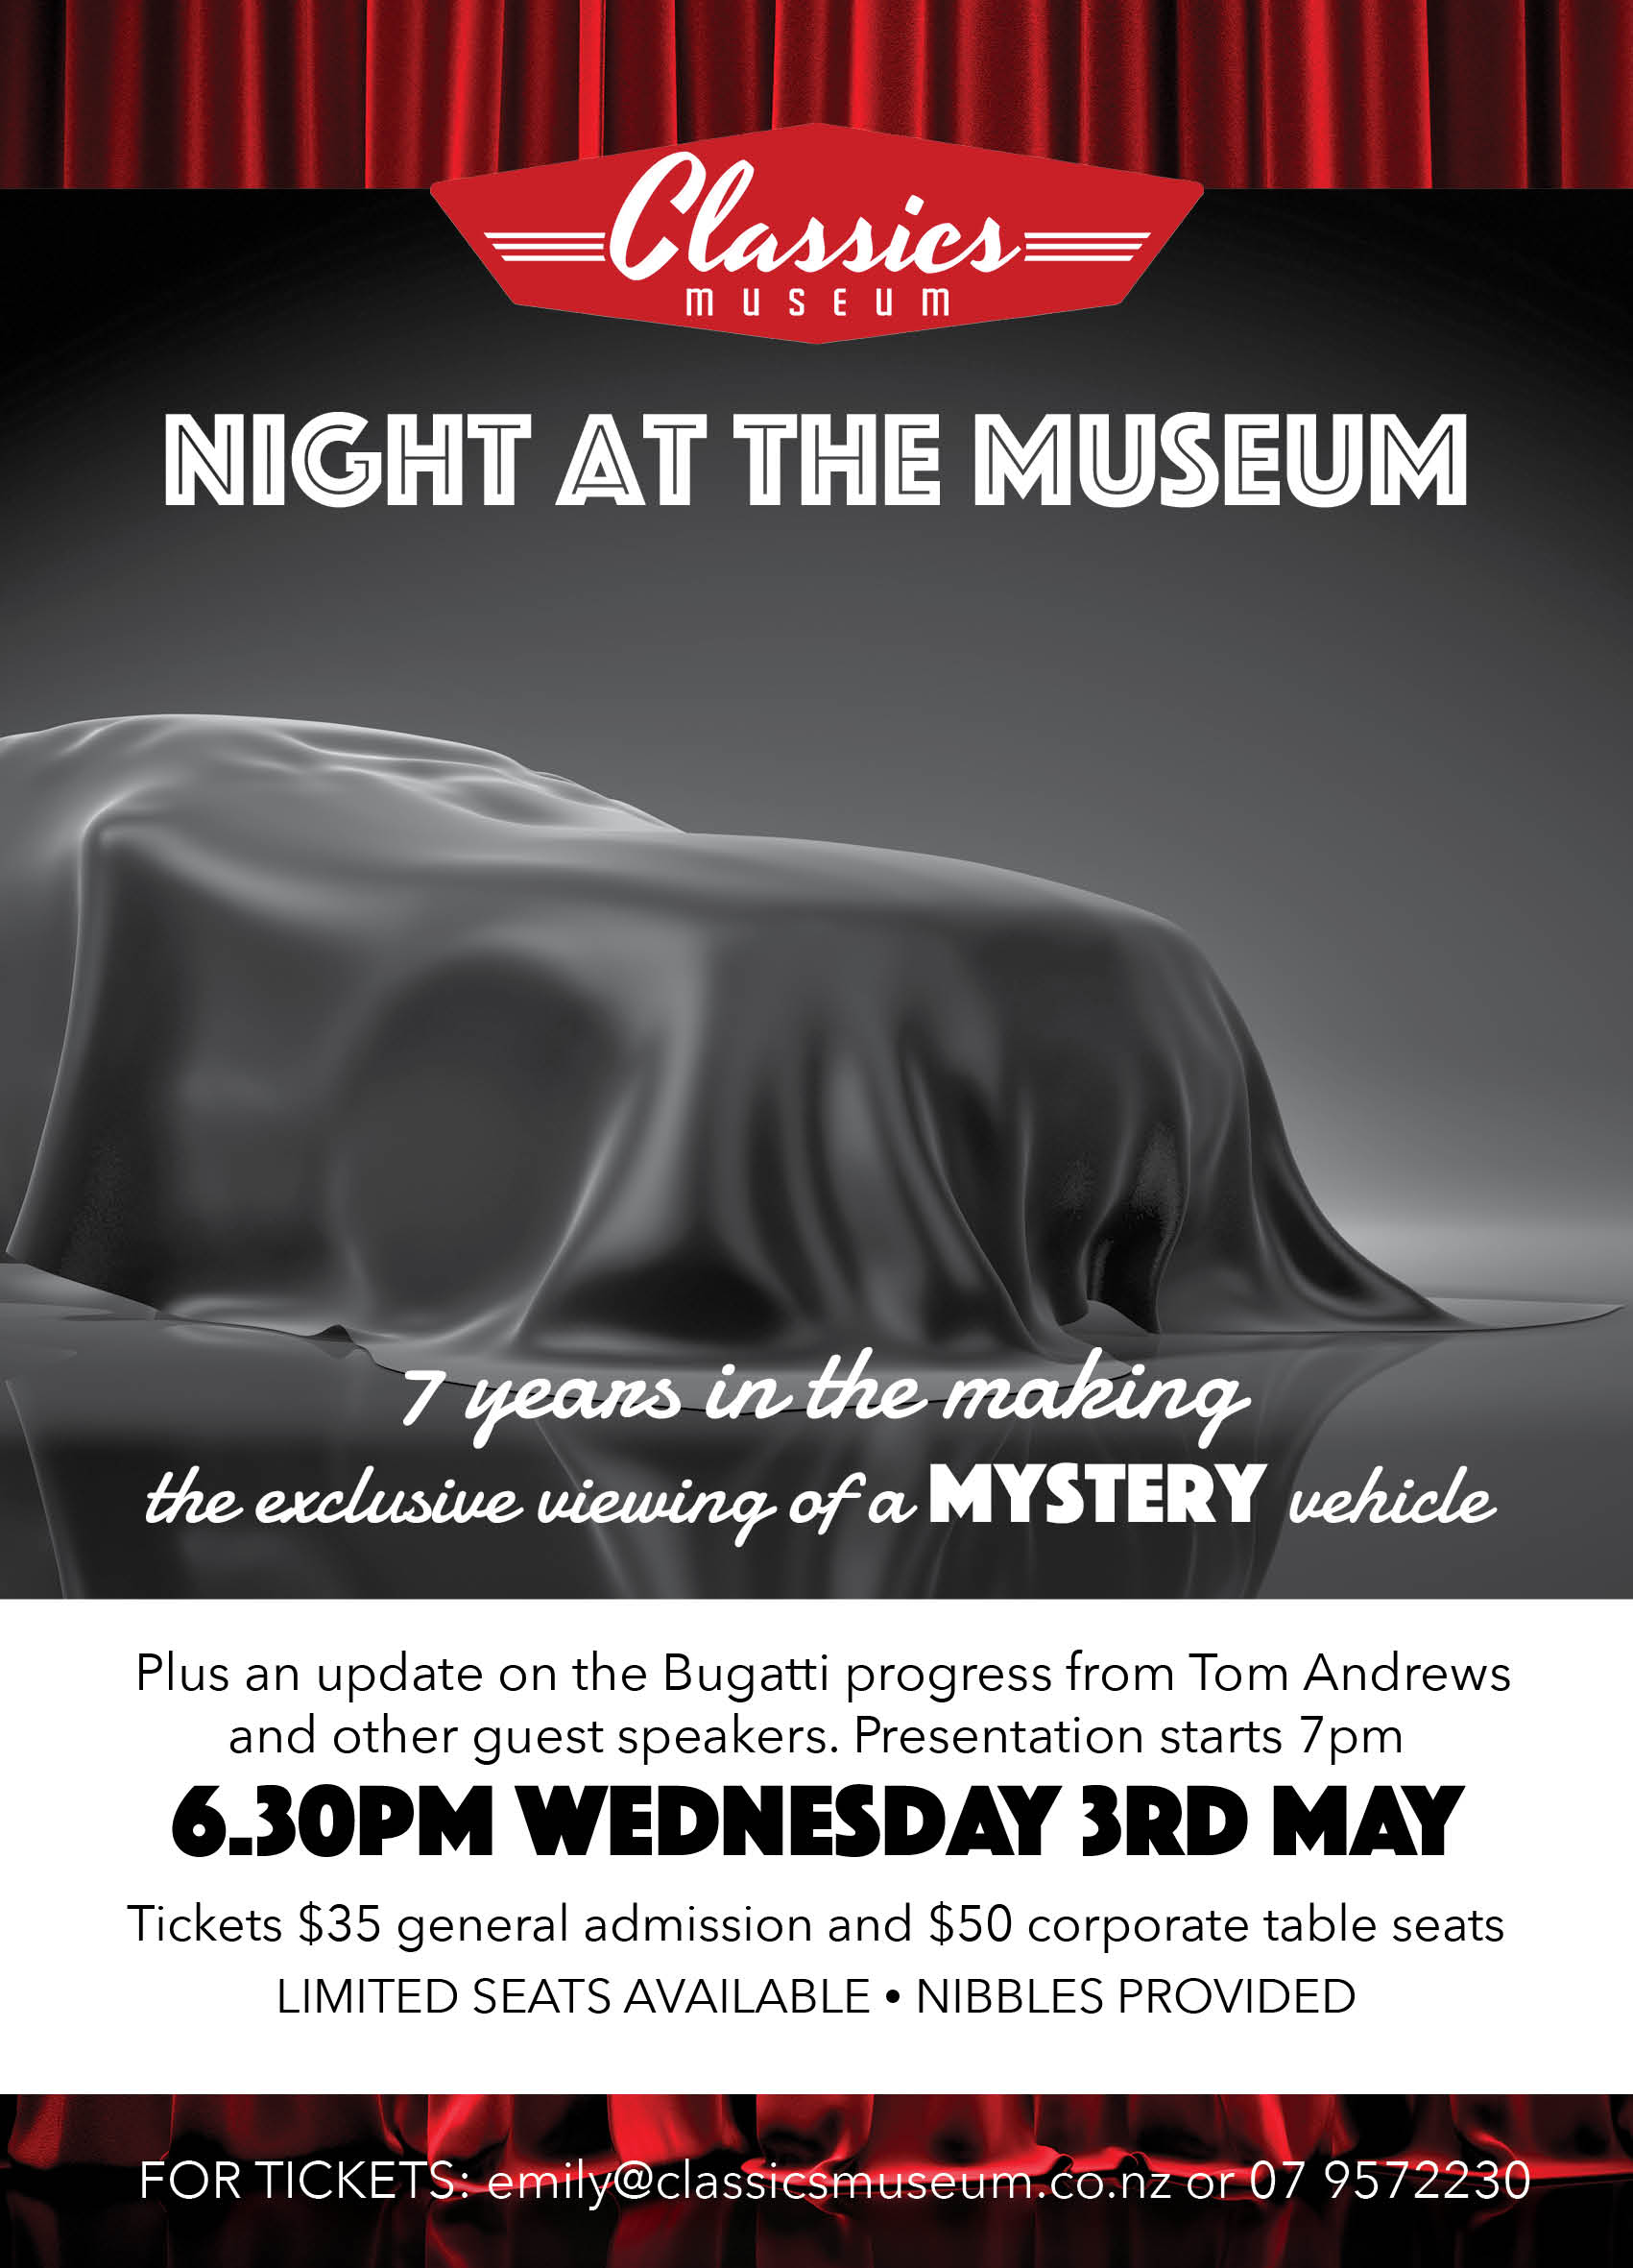 Night at the Museum — Classics Museum